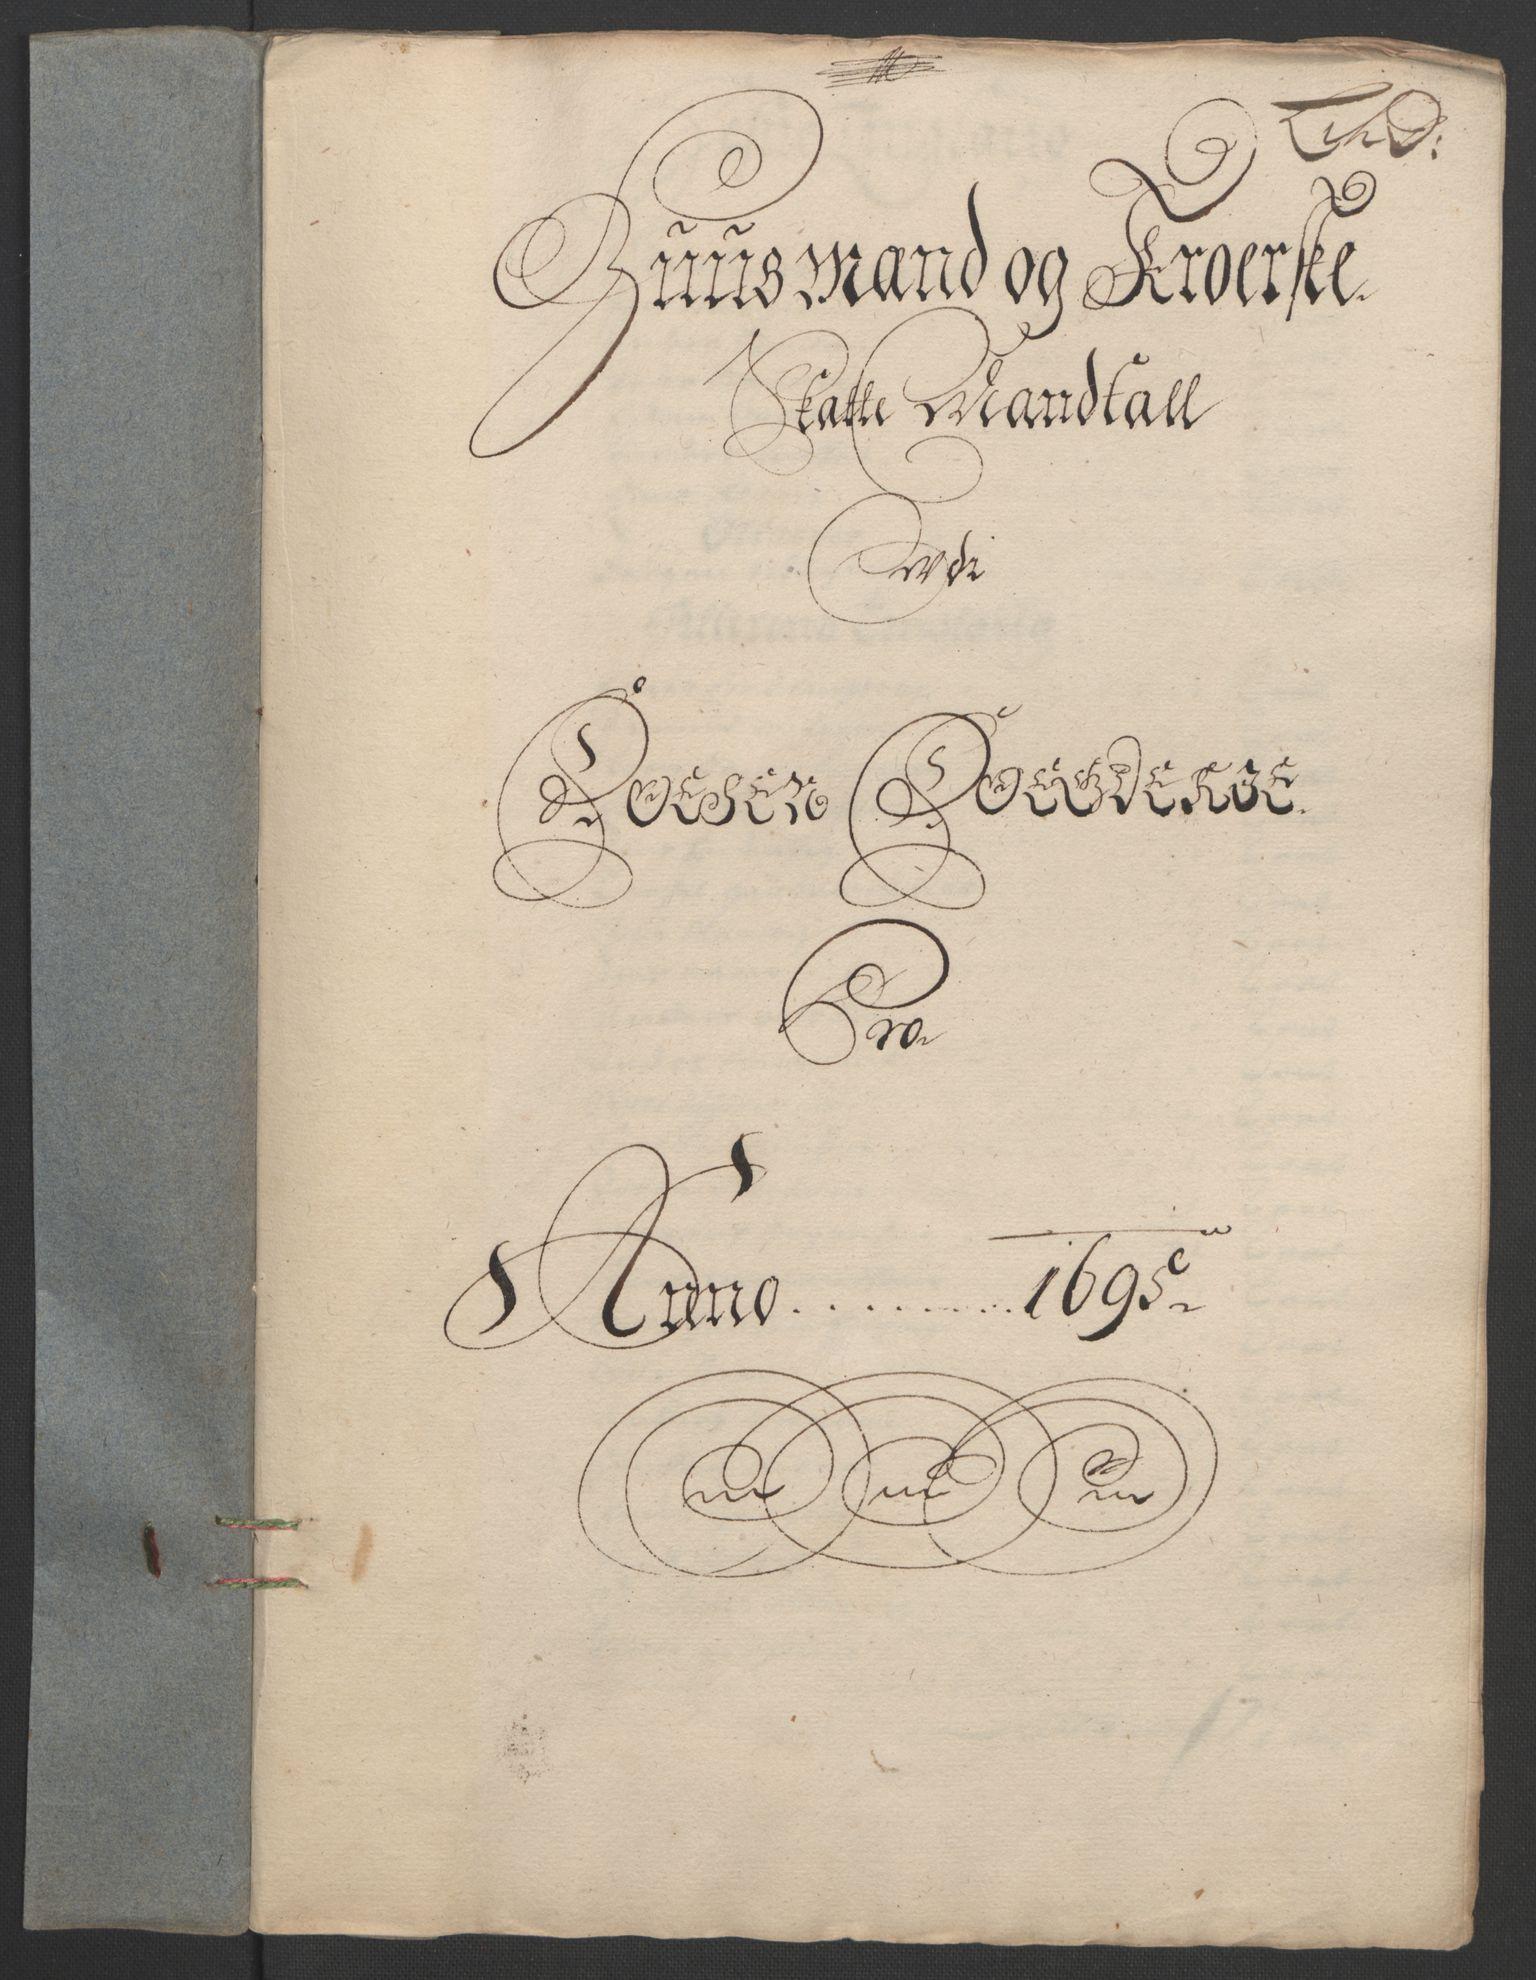 RA, Rentekammeret inntil 1814, Reviderte regnskaper, Fogderegnskap, R57/L3851: Fogderegnskap Fosen, 1695-1696, s. 81